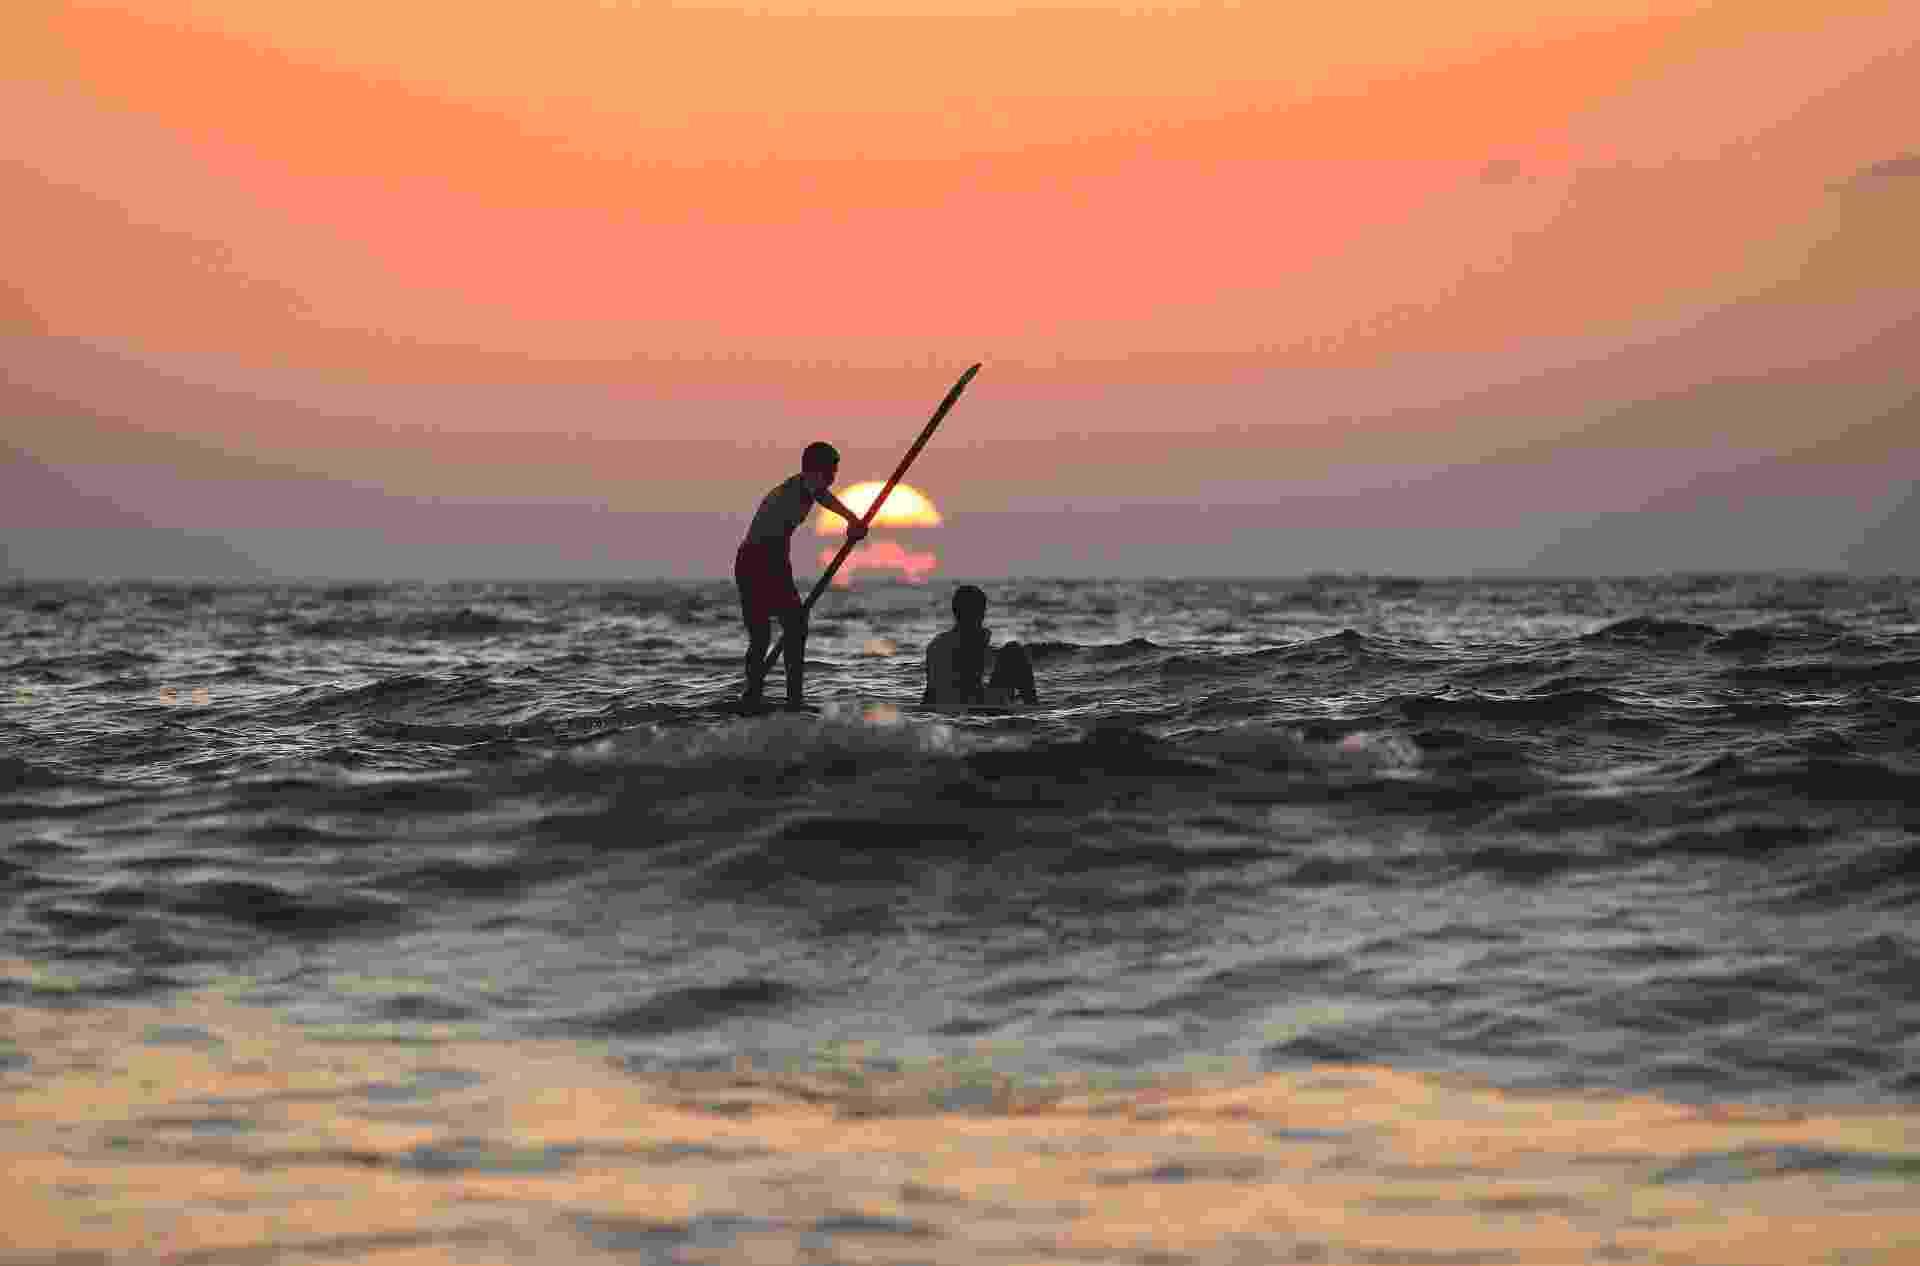 9.out.2013 - A concentração de oxigênio dos oceanos deve cair entre 1% e 7% antes do fim do século, aponta relatório do Programa Internacional sobre o Estado dos Oceanos feito em parceria com a União Internacional para a Conservação da Natureza - Mohammed Salem/Reuters